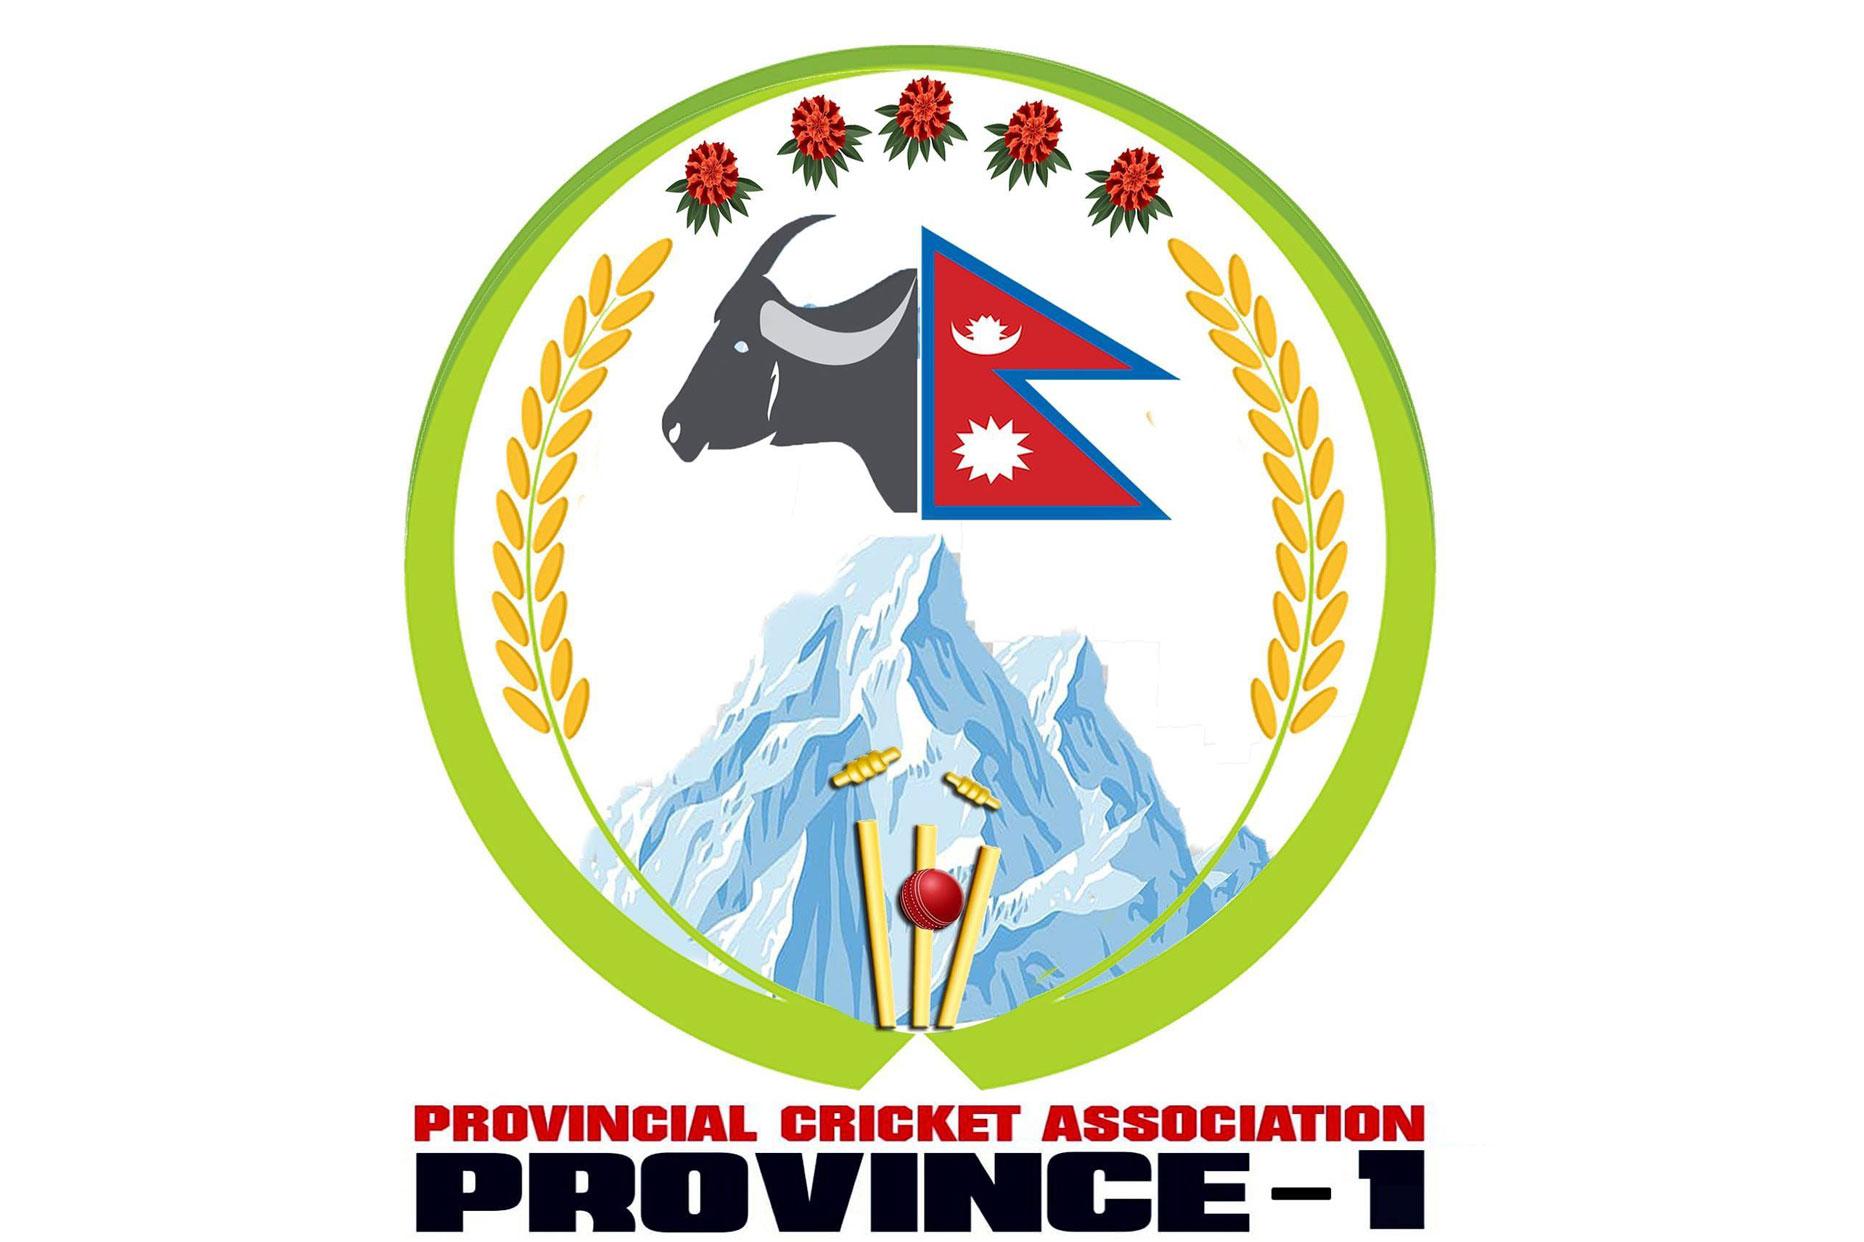 पीएम कप पुरुष राष्ट्रिय क्रिकेट प्रतियोगिता प्रदेश १ को टोलि छनौट